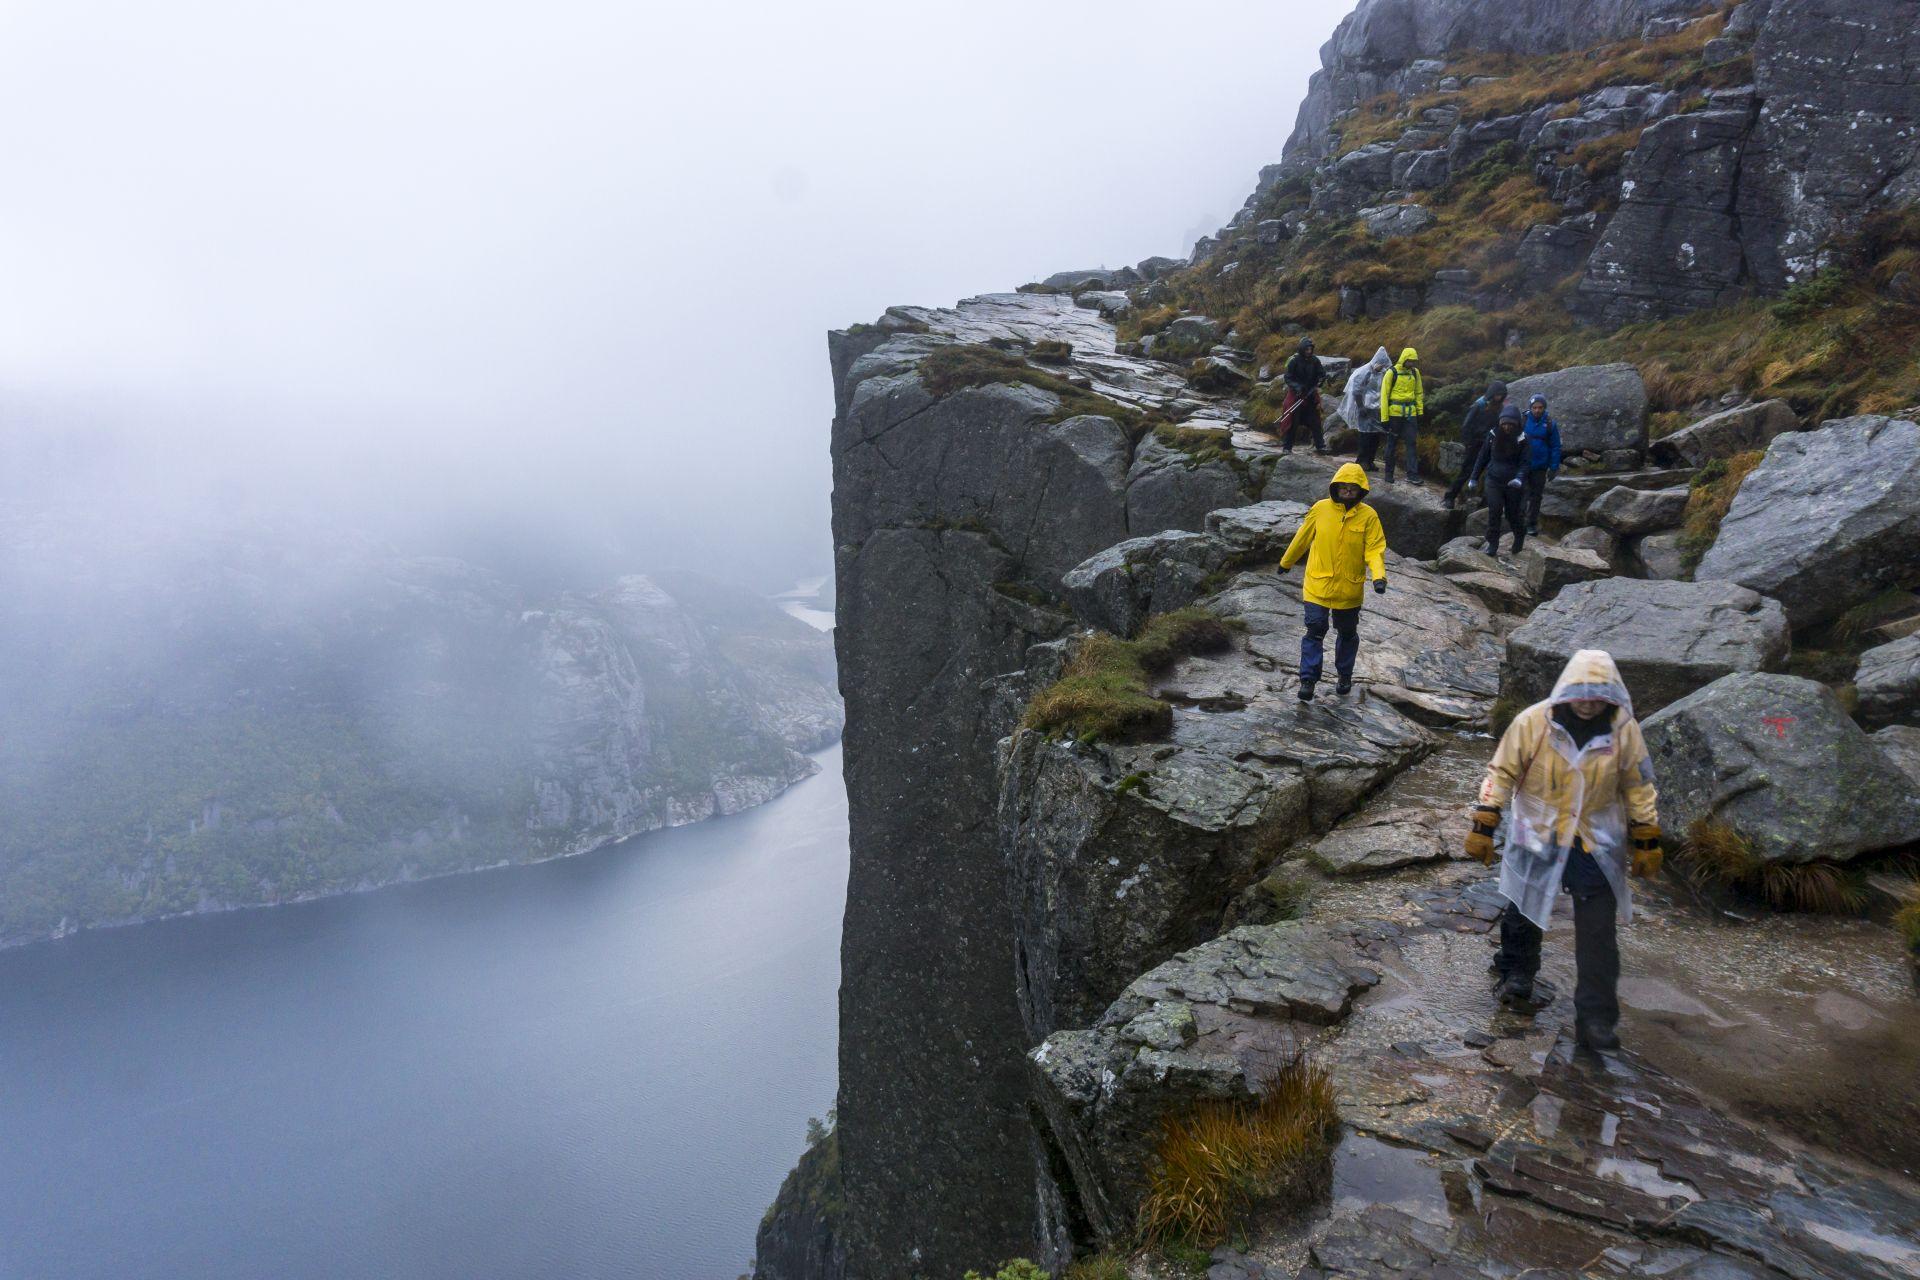 Călătorie slow travel în fjordurile Norvegiei 3-12 Sept